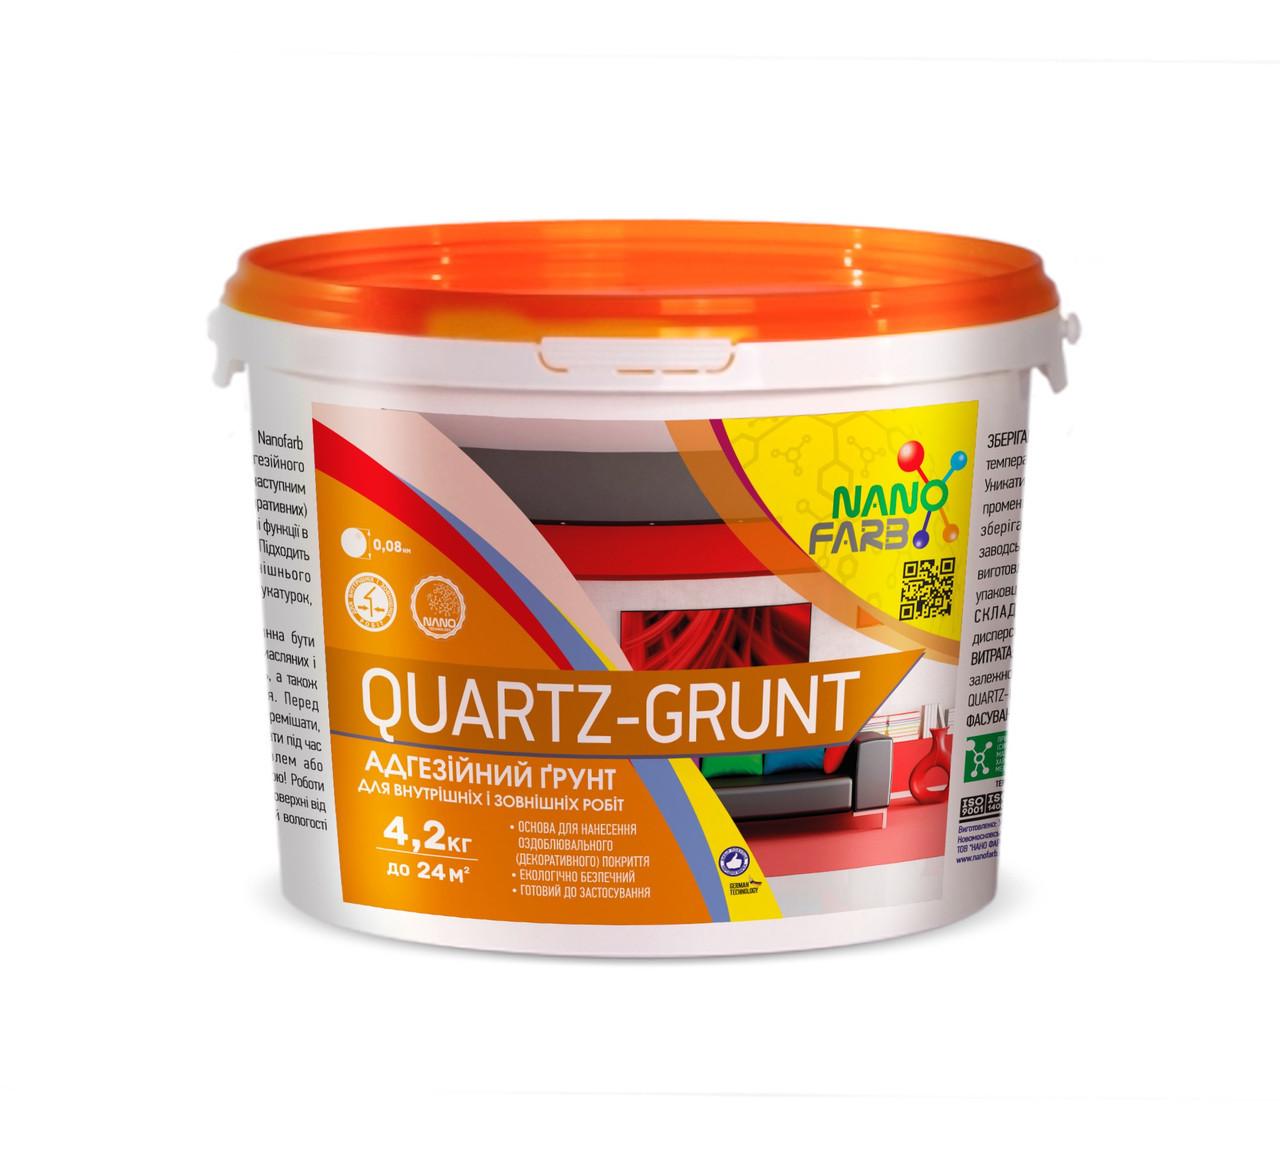 Адгезионная грунтовка универсальная Quartz-grunt Nano farb 4.2 кг